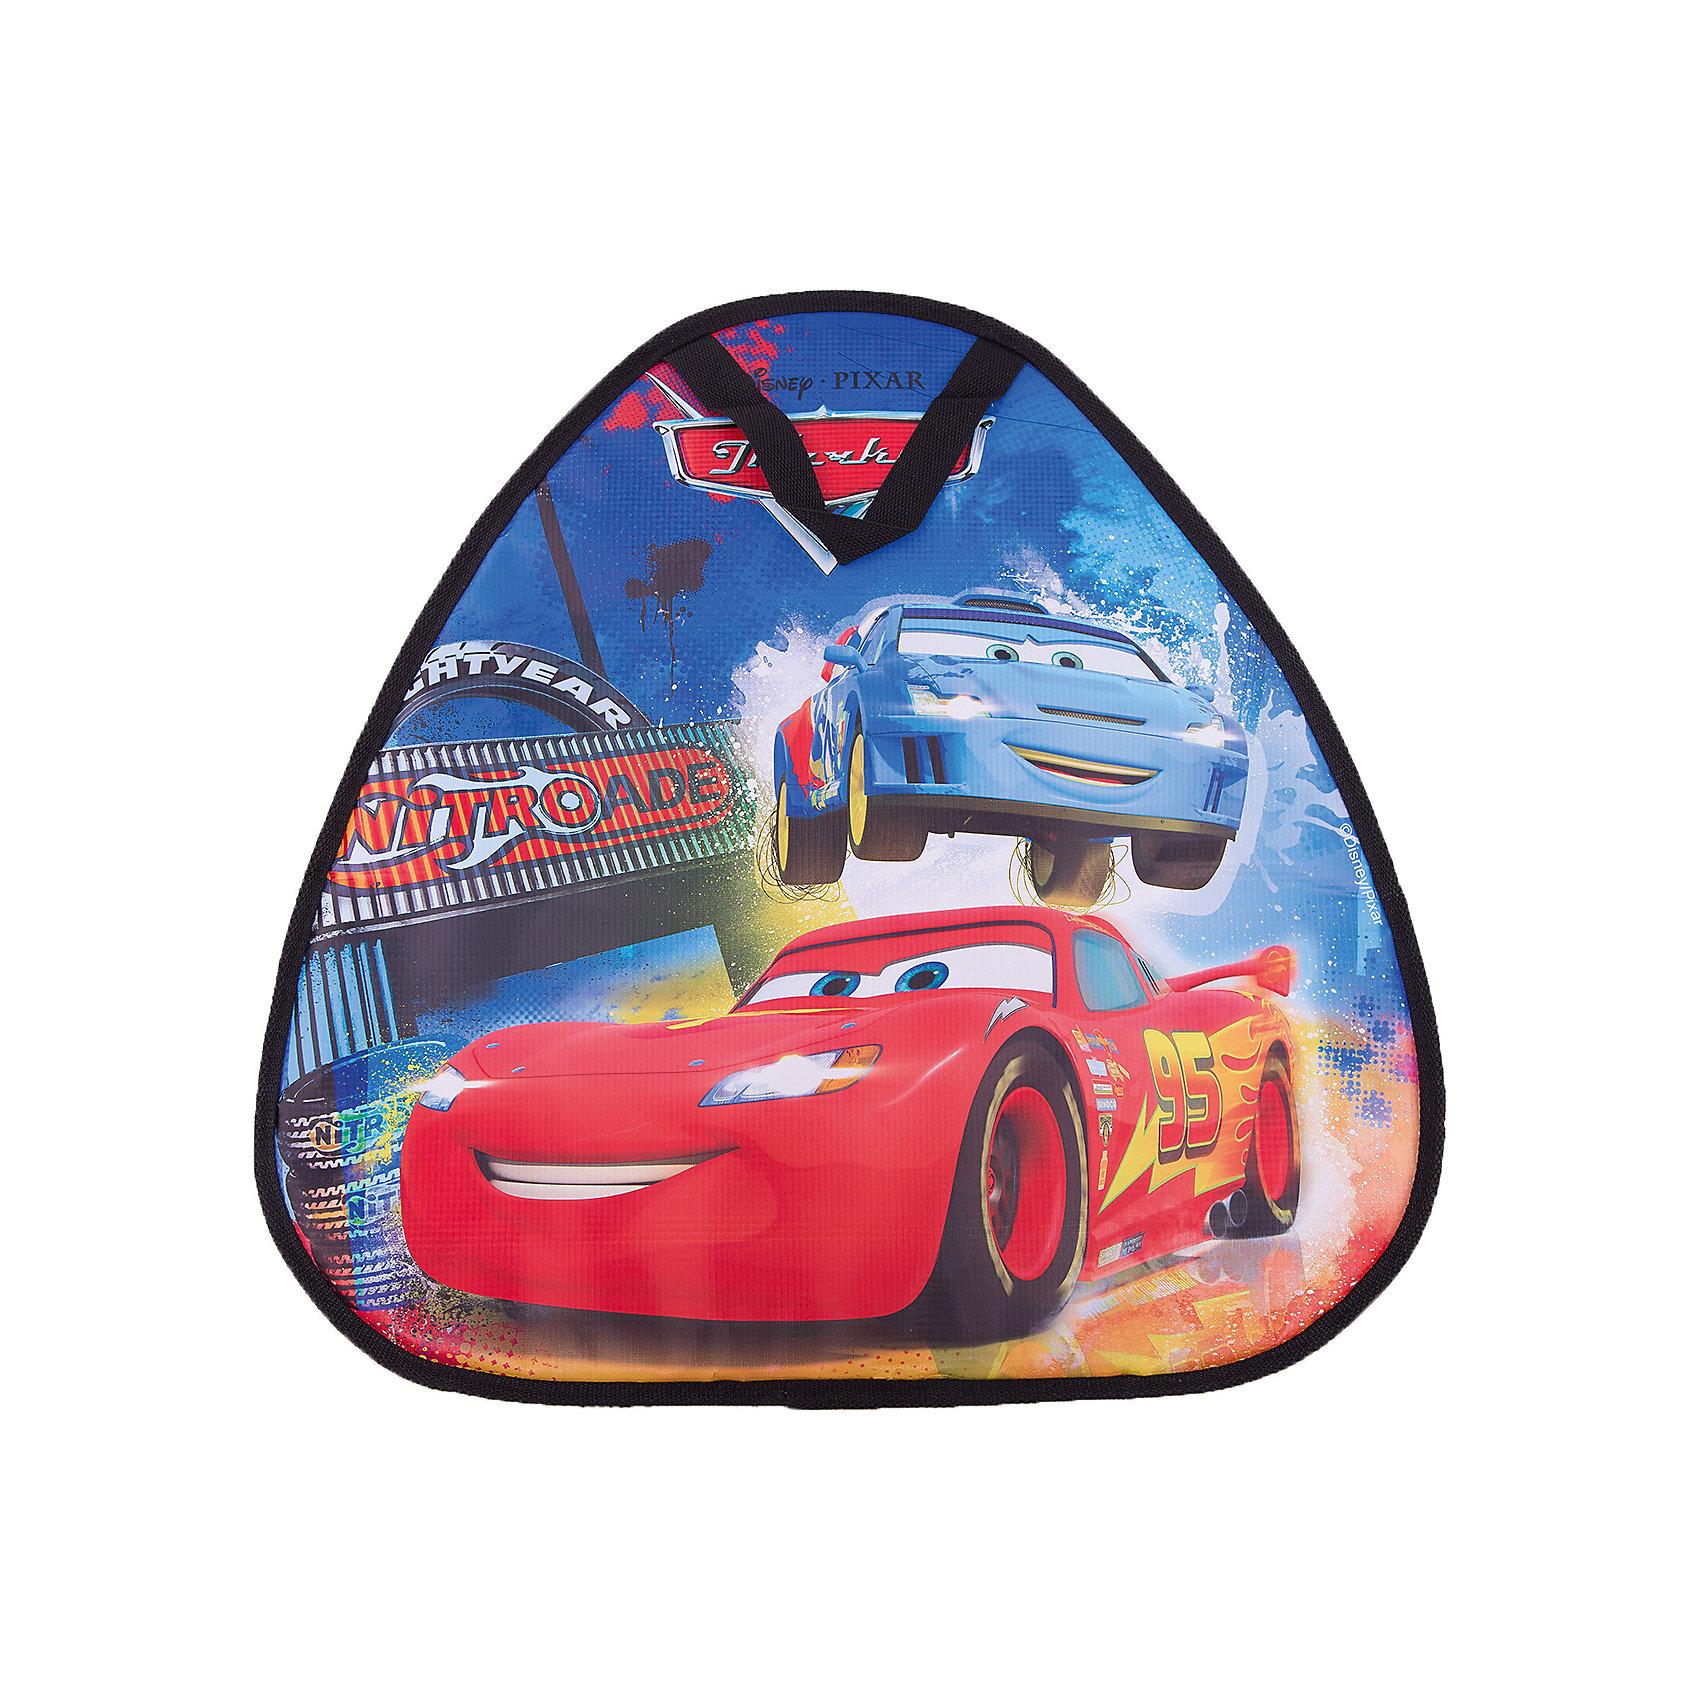 Ледянка,  52х50 см, треугольная, Тачки, DisneyЛедянки<br>Ледянка, 52х50 см, треугольная, Тачки, Disney.<br><br>Характеристики:<br><br>• прочная и долговечная<br>• отлично скользит<br>• небольшой вес<br>• яркий дизайн<br>• материал: пластик<br>• размер: 52х1х50 см<br>• вес: 300 грамм<br><br>Зимой очень важен отдых на свежем воздухе. С ледянкой Тачки, Disney проводить время на улице будет еще веселее. Она очень удобна в использовании, а компактность и небольшой вес позволят ее легко взять с собой. Яркий принт с любимыми героями мультфильма Тачки поднимет настроение и принесет море радости при спуске с горки!<br><br>Ледянку, 52х50 см, треугольная, Тачки, Disney вы можете купить в нашем интернет-магазине.<br><br>Ширина мм: 500<br>Глубина мм: 10<br>Высота мм: 500<br>Вес г: 400<br>Возраст от месяцев: 36<br>Возраст до месяцев: 192<br>Пол: Мужской<br>Возраст: Детский<br>SKU: 5032826